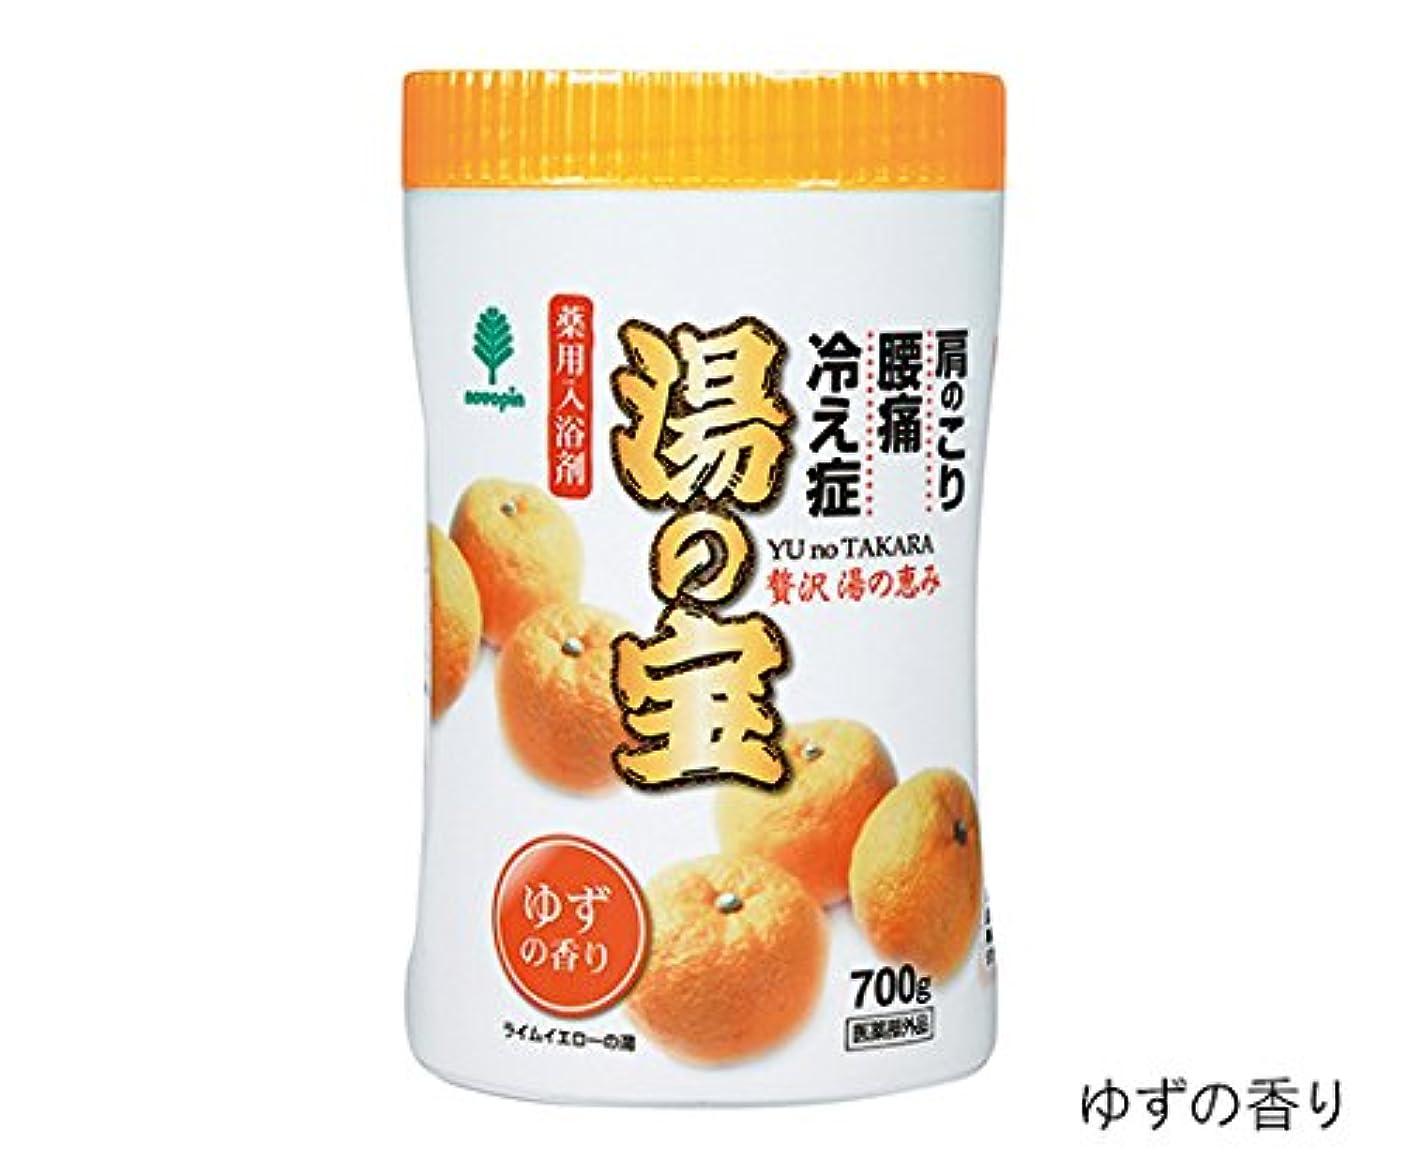 紀陽除虫菊7-2542-02入浴剤(湯の宝)森林の香り700g